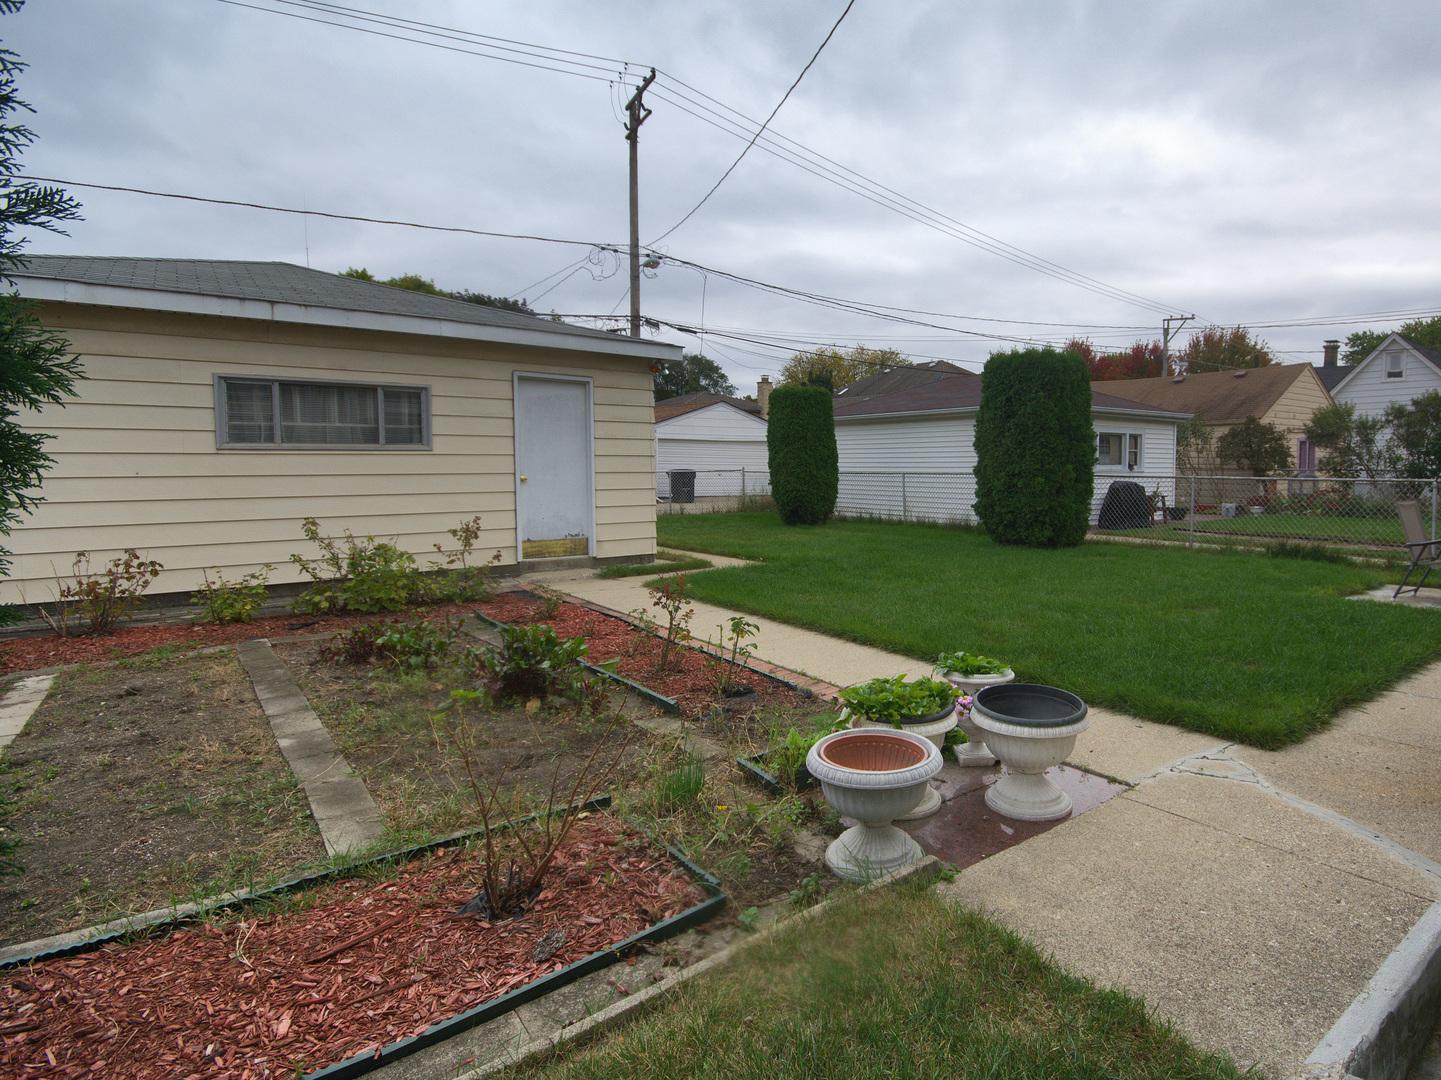 Yard/Garden